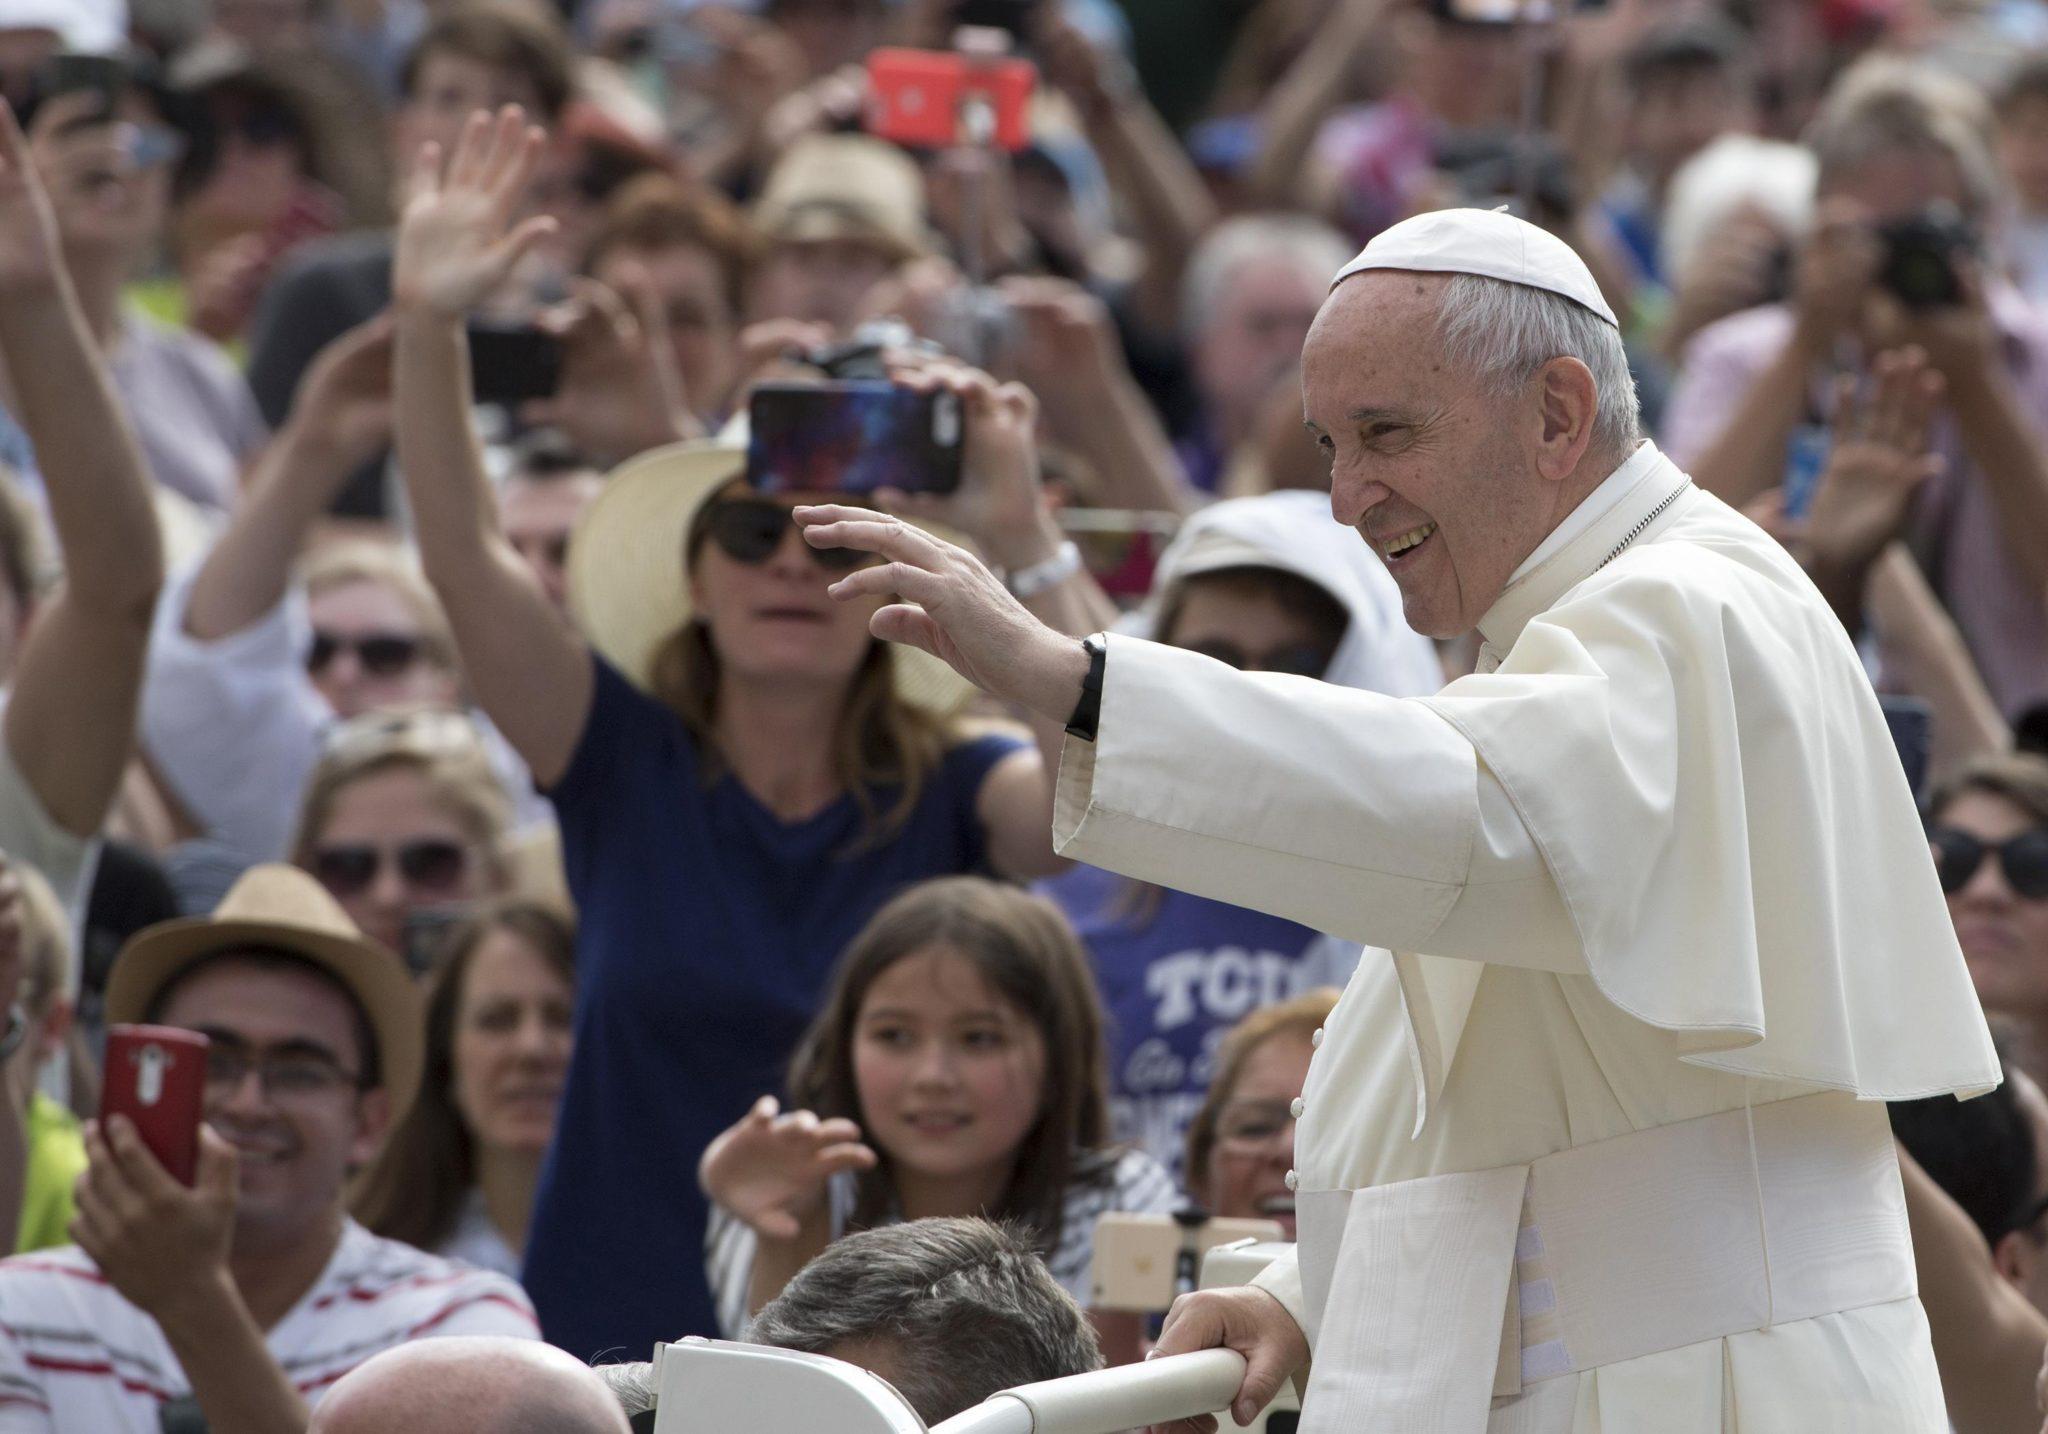 Audiencja Generalna papieża Franciszka w Watykanie